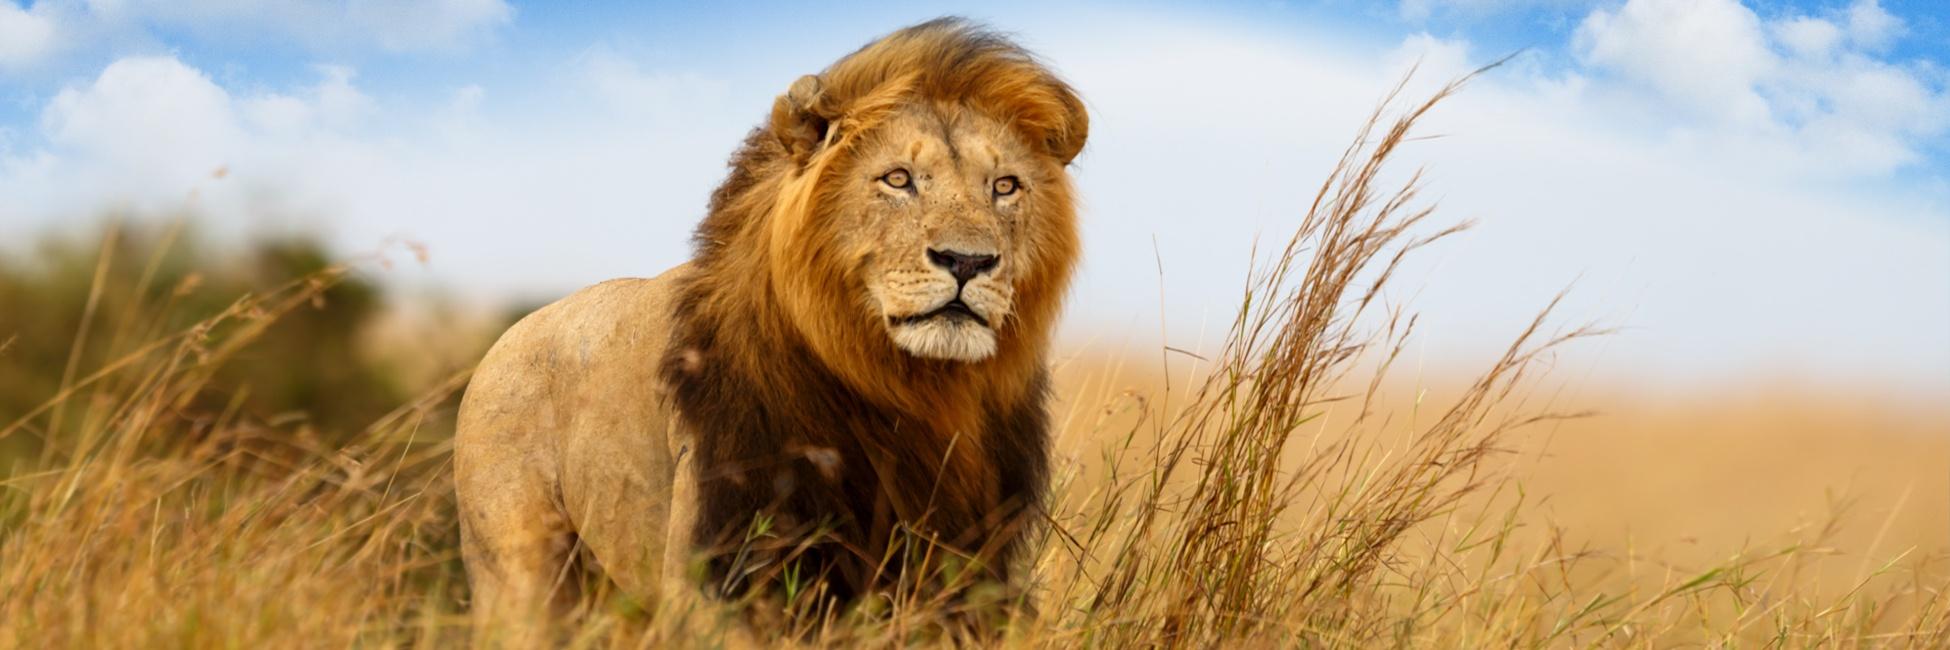 Lion, Afrique australe